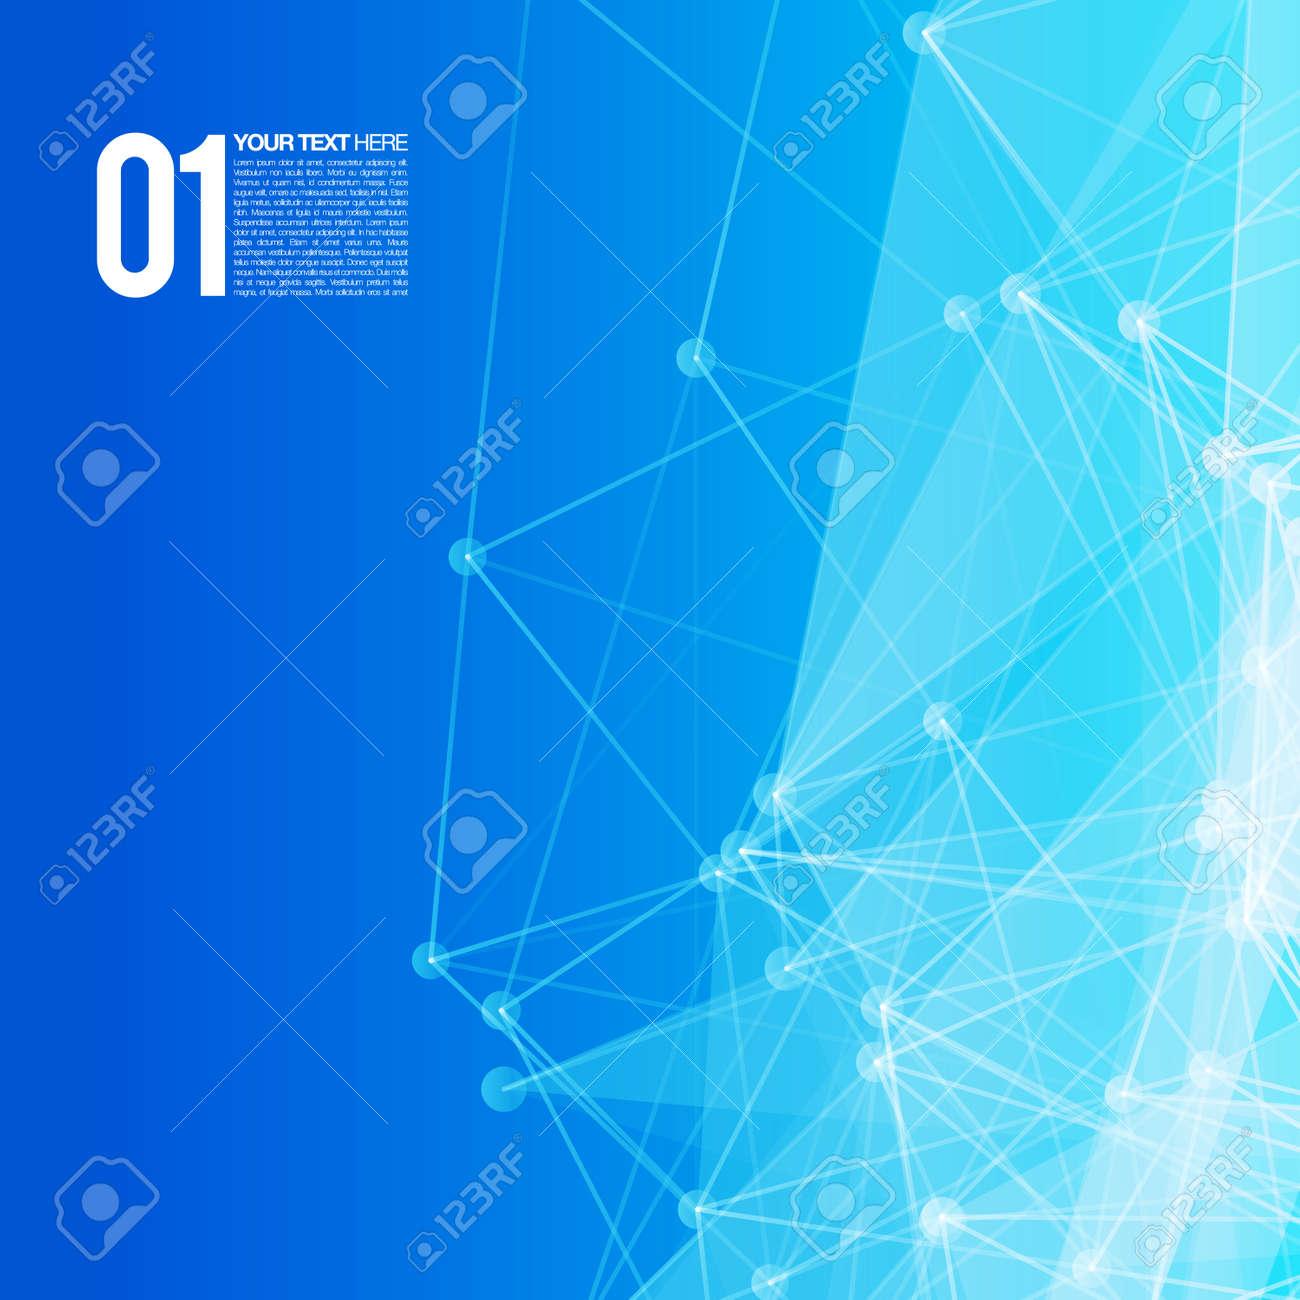 サークル線と形 EPS10 の未来的...